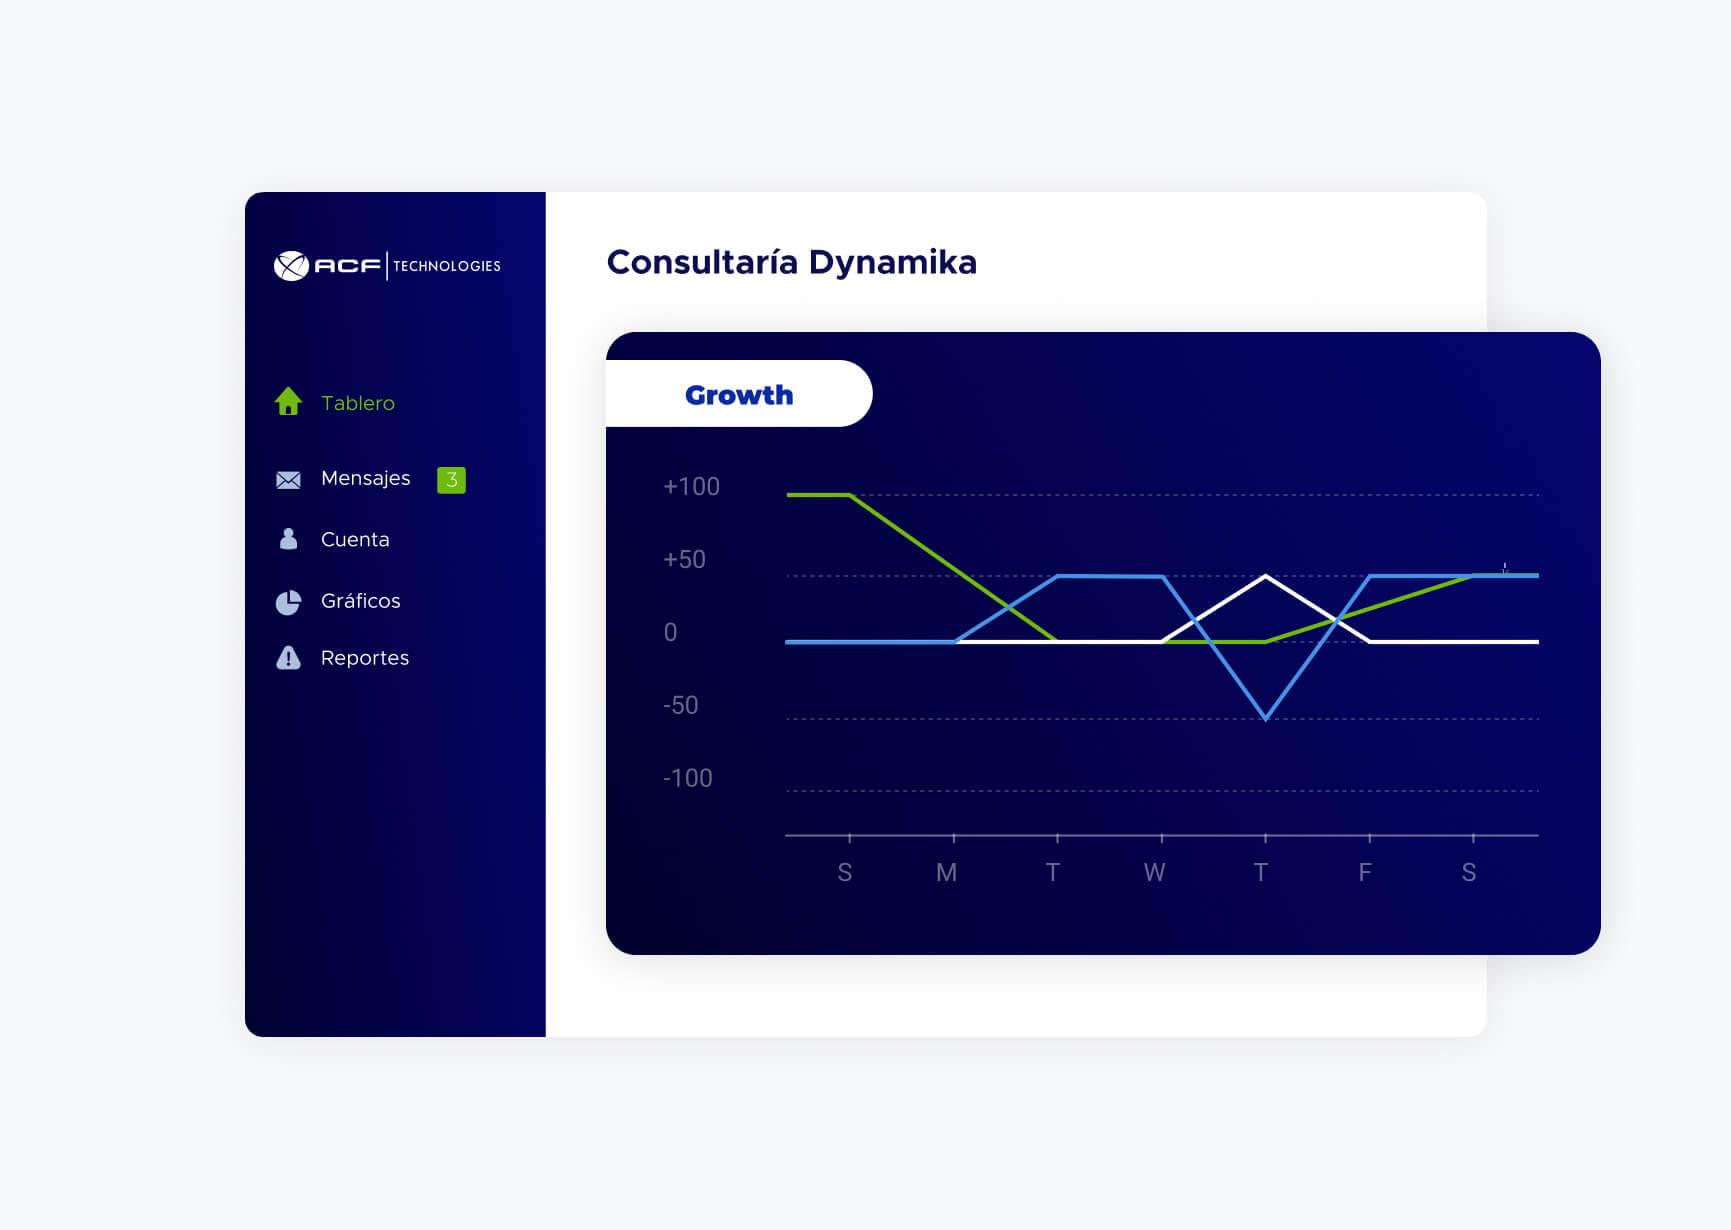 Pantalla de gráficos de software Consultoría Dynamika de ACF technologies